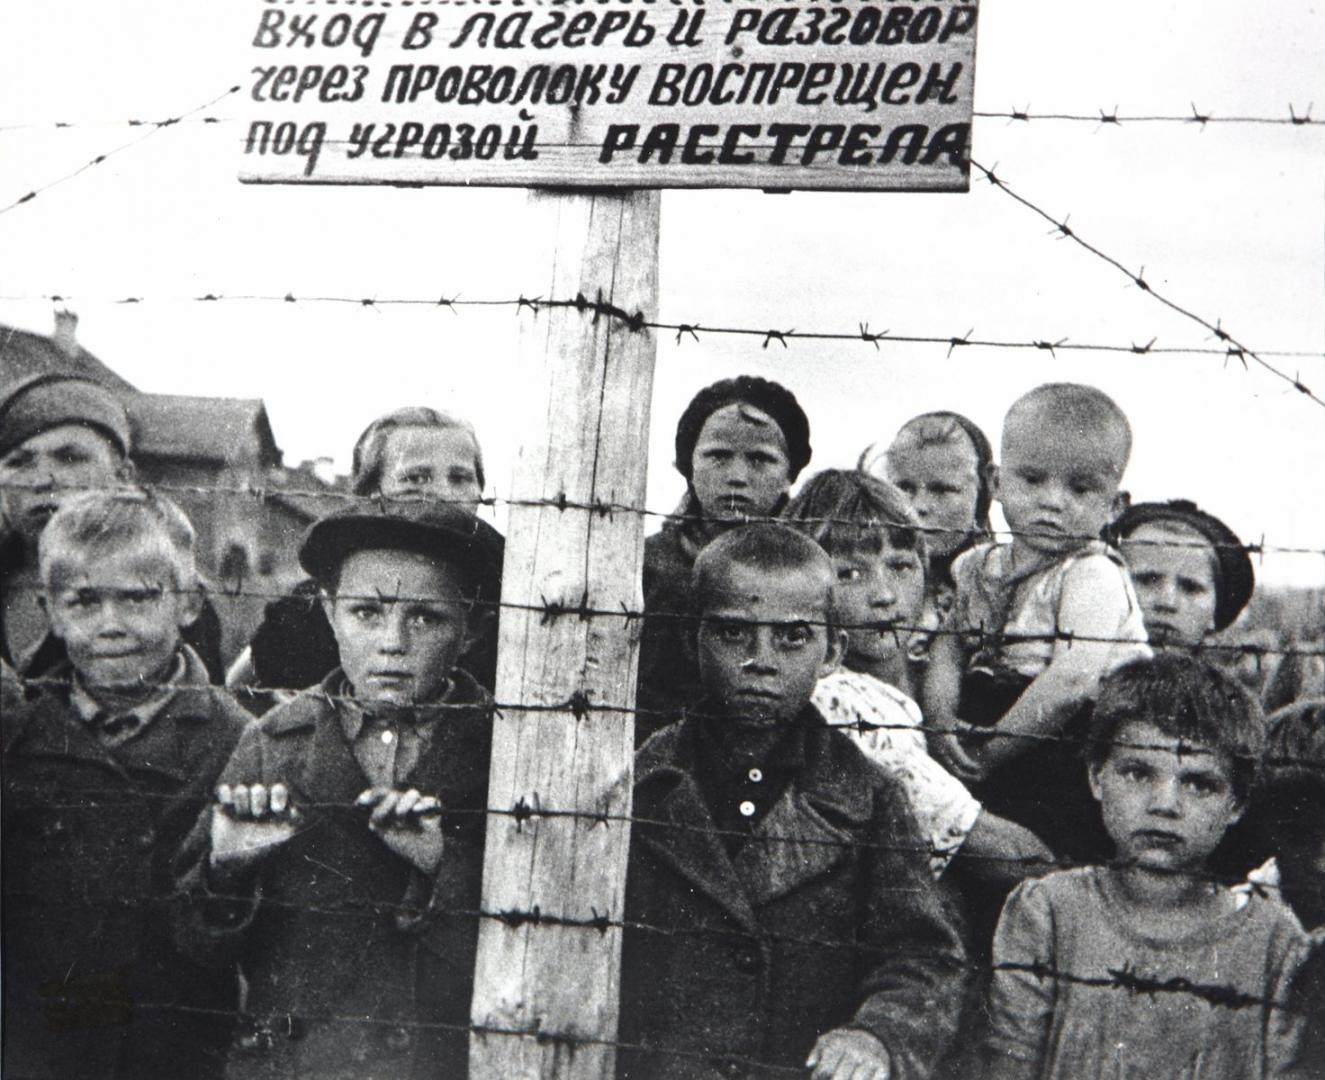 Советские дети-узники 6-го финского концлагеря в Петрозаводске, июль 1944 года